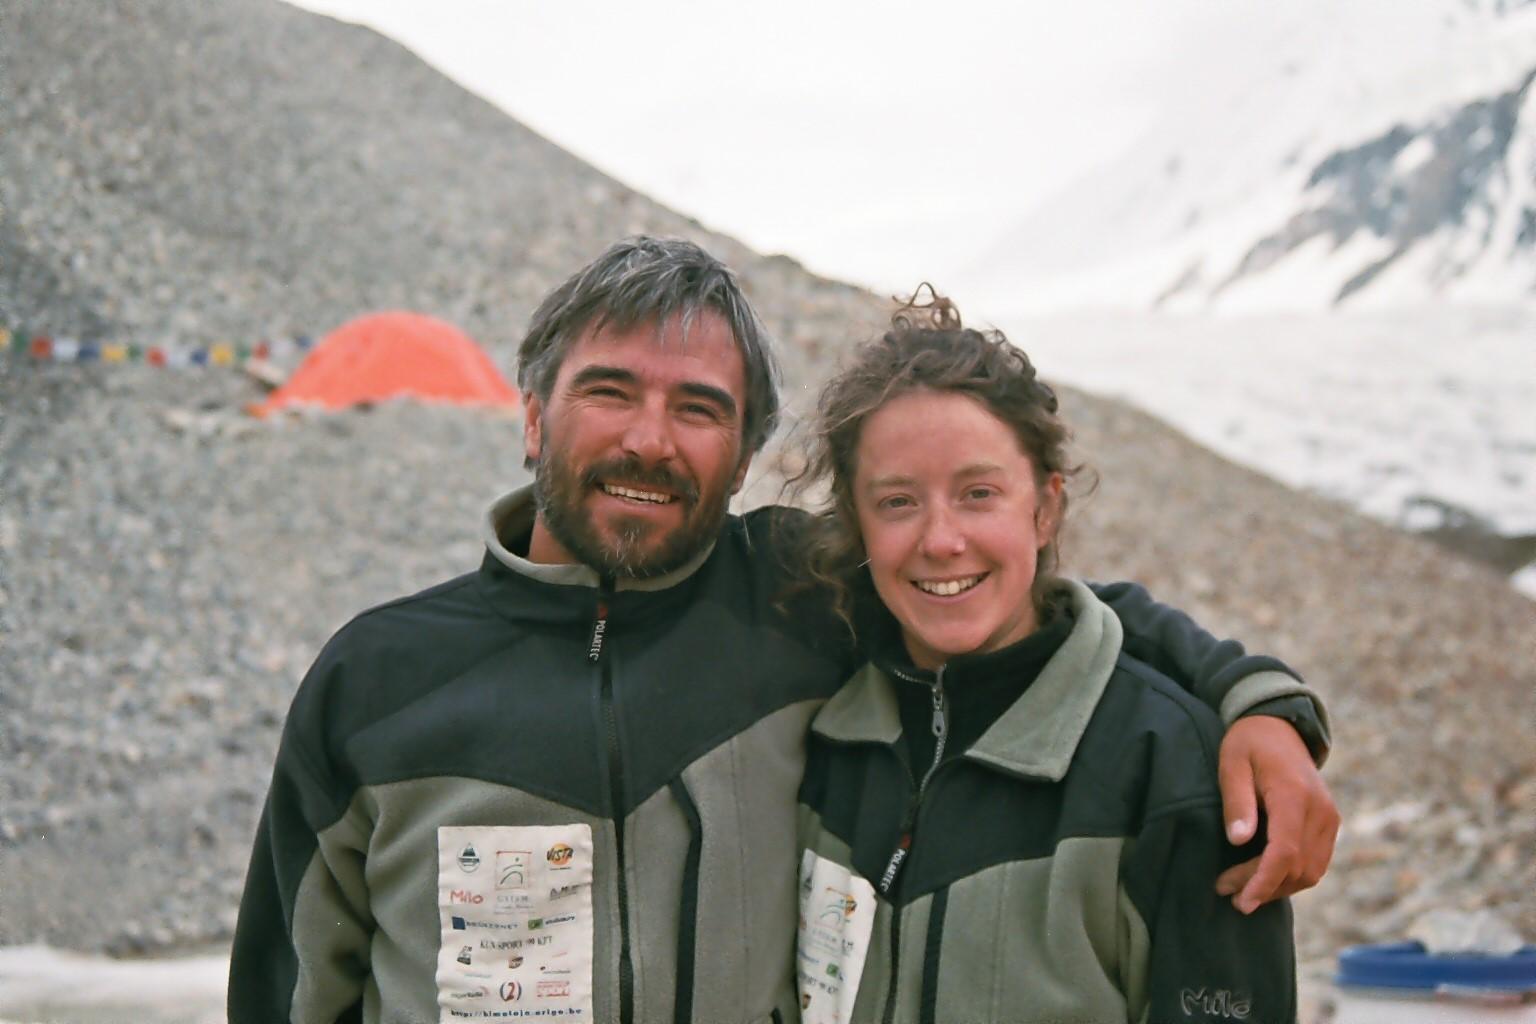 Mindig két út van előtted: a biztonságosabb, és az, amelyre születtél – Nedeczky Júlia pszichológus, hegymászó